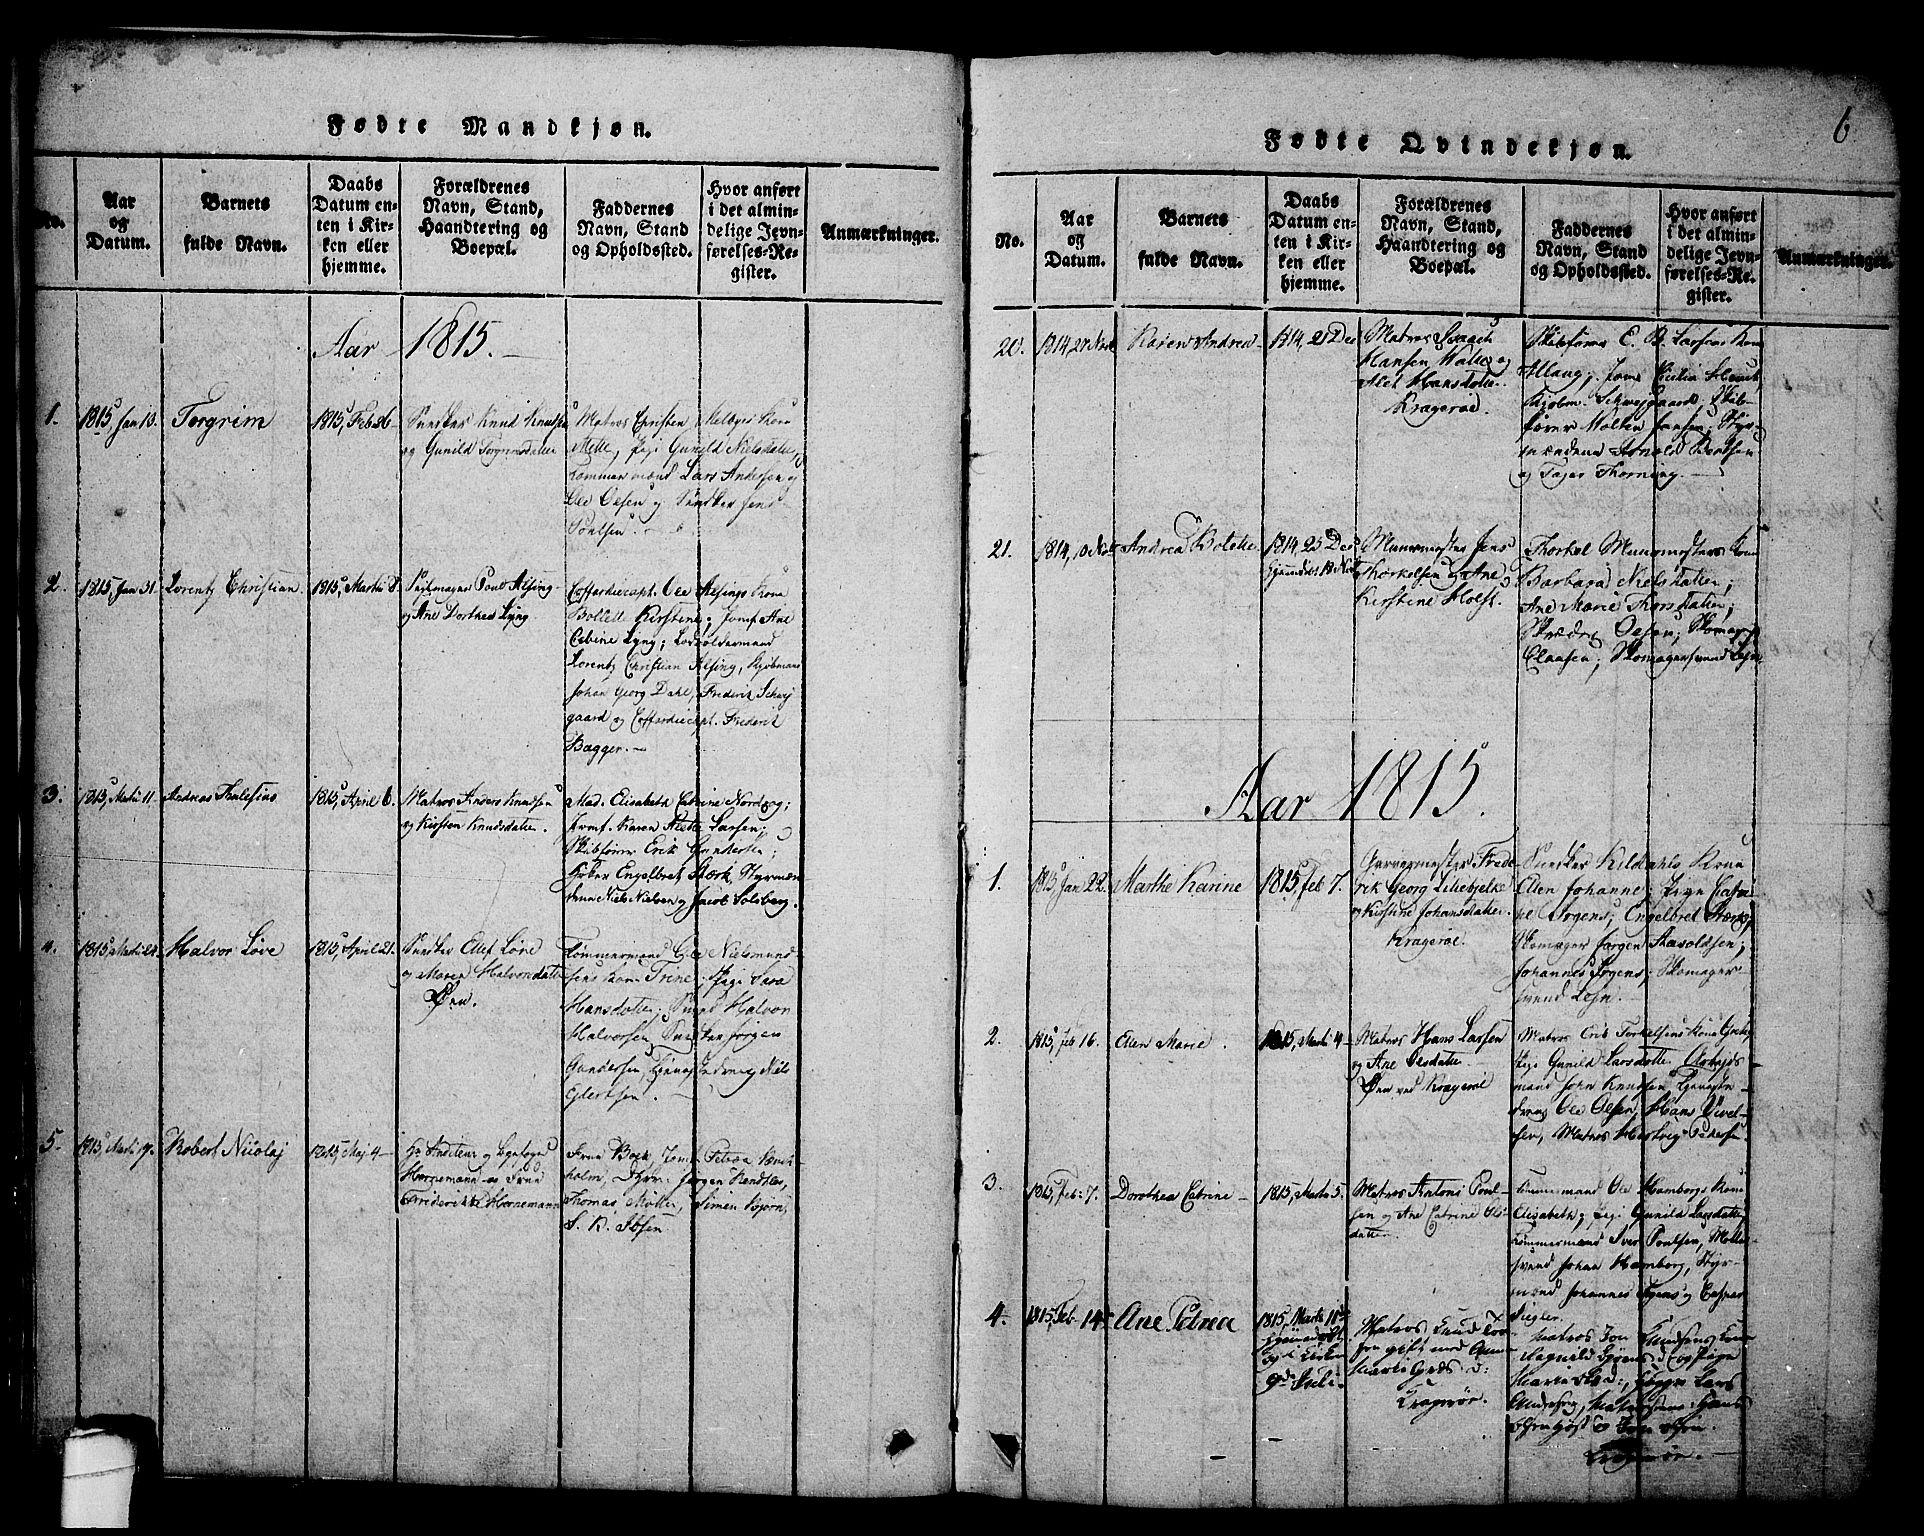 SAKO, Kragerø kirkebøker, G/Ga/L0002: Klokkerbok nr. 2, 1814-1831, s. 6